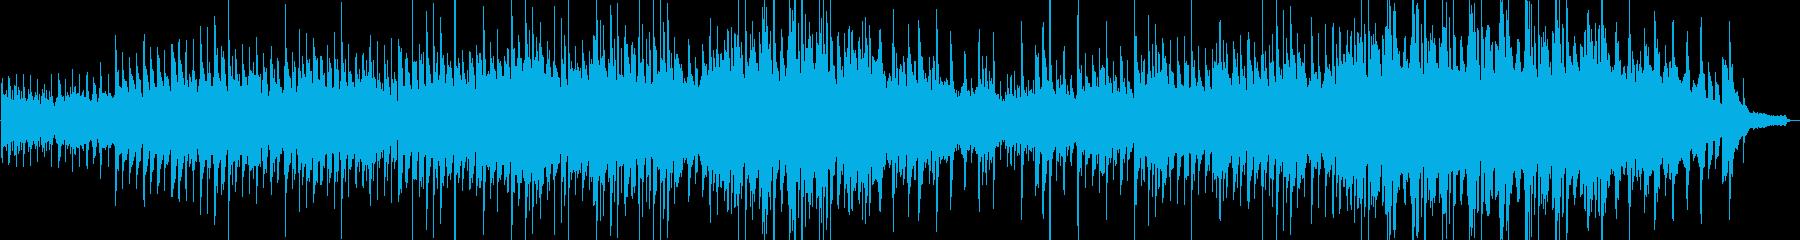 規則的なリズムとストリングスにピアノの再生済みの波形